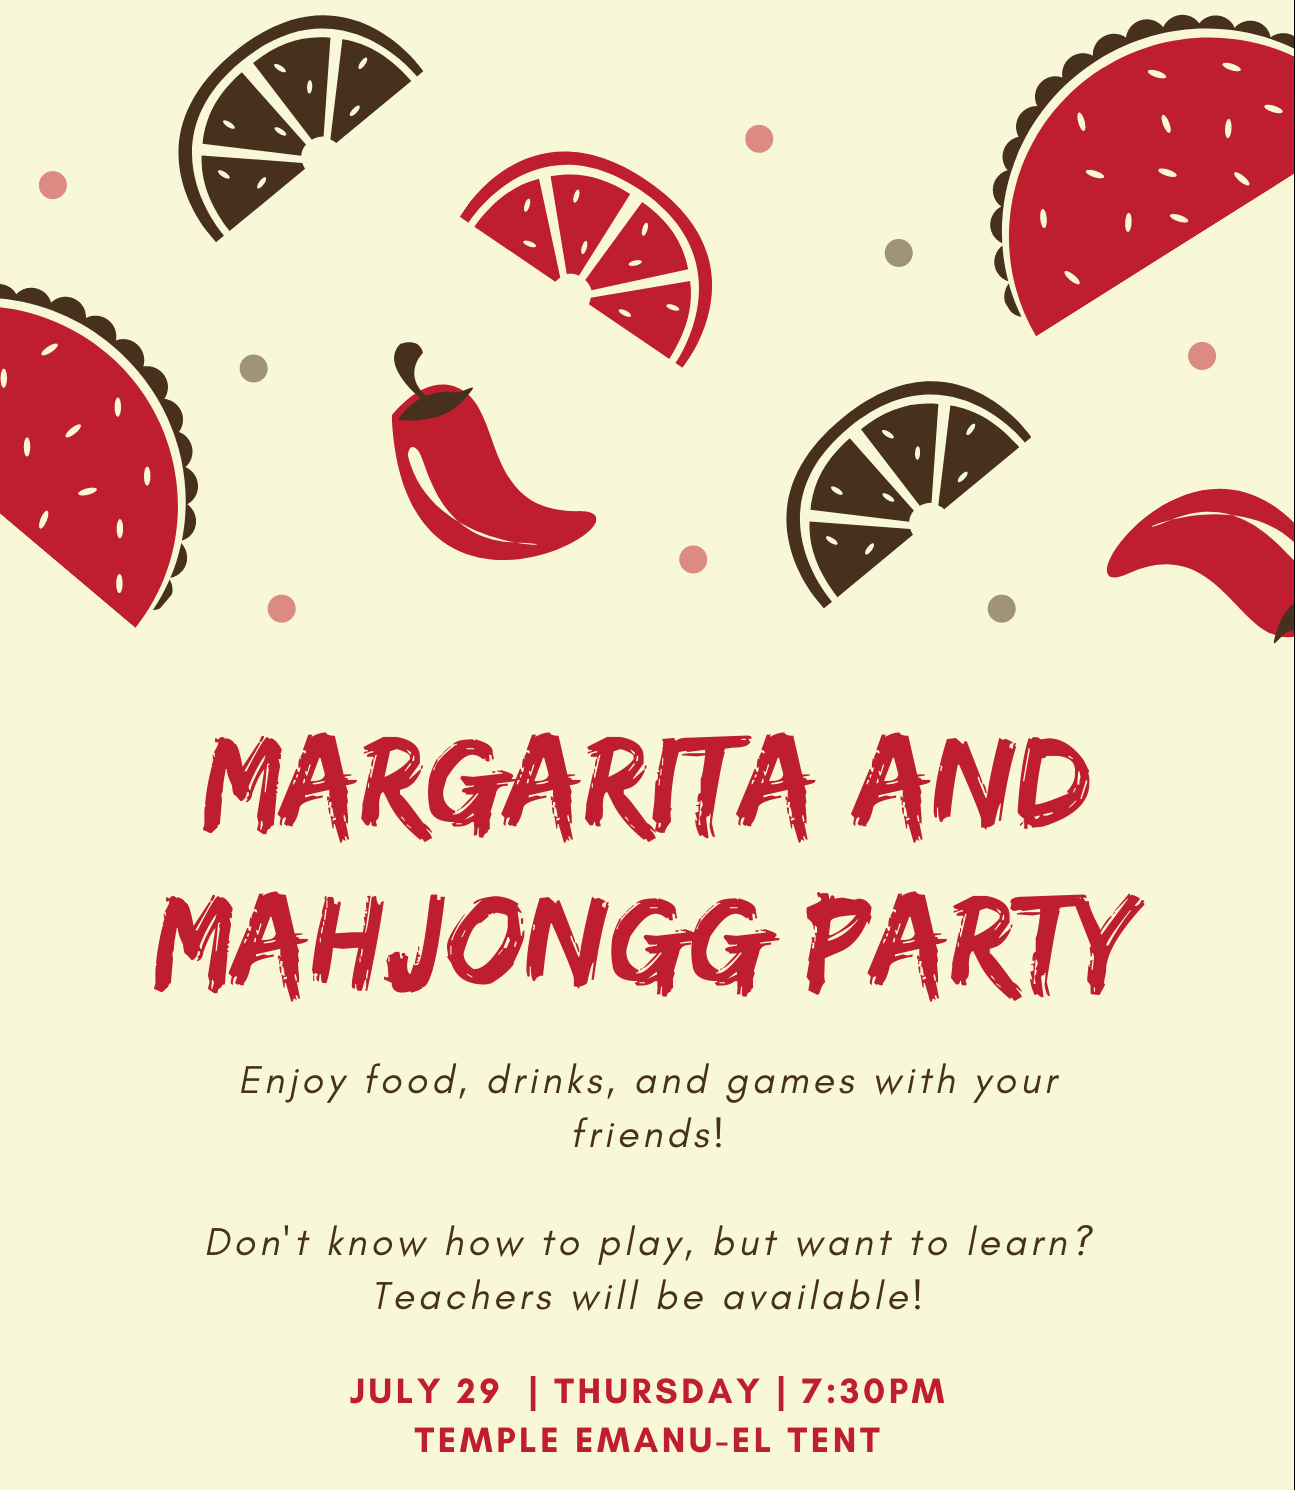 Margarita and Mahjongg Party